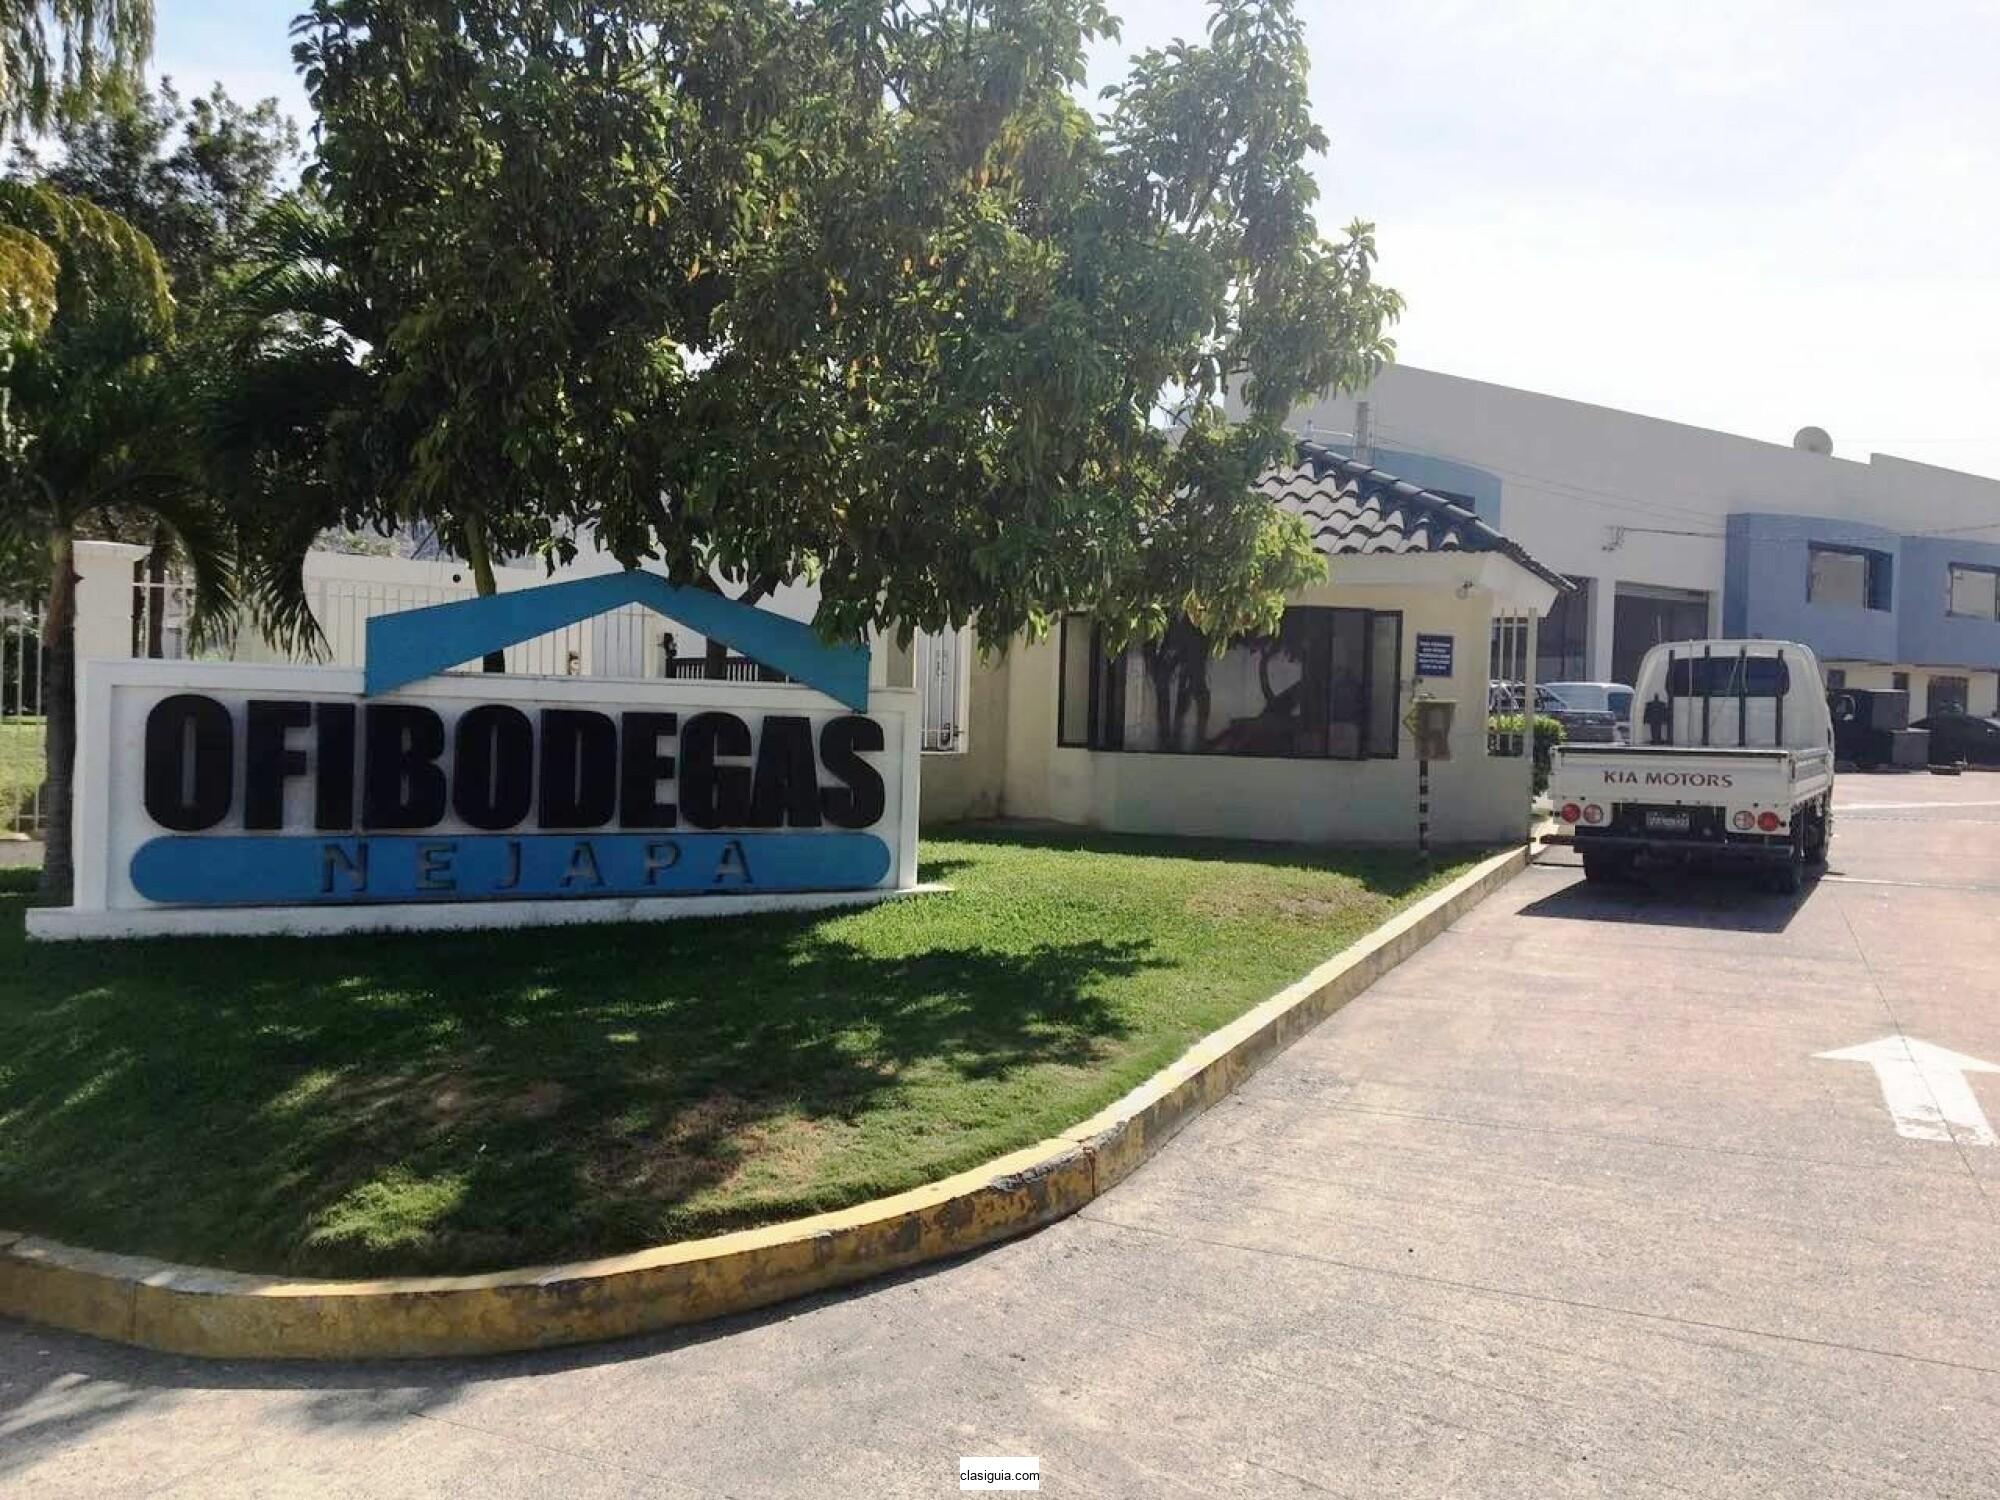 Alquilo Ofibodega en Complejo Ofibodegas Nejapa